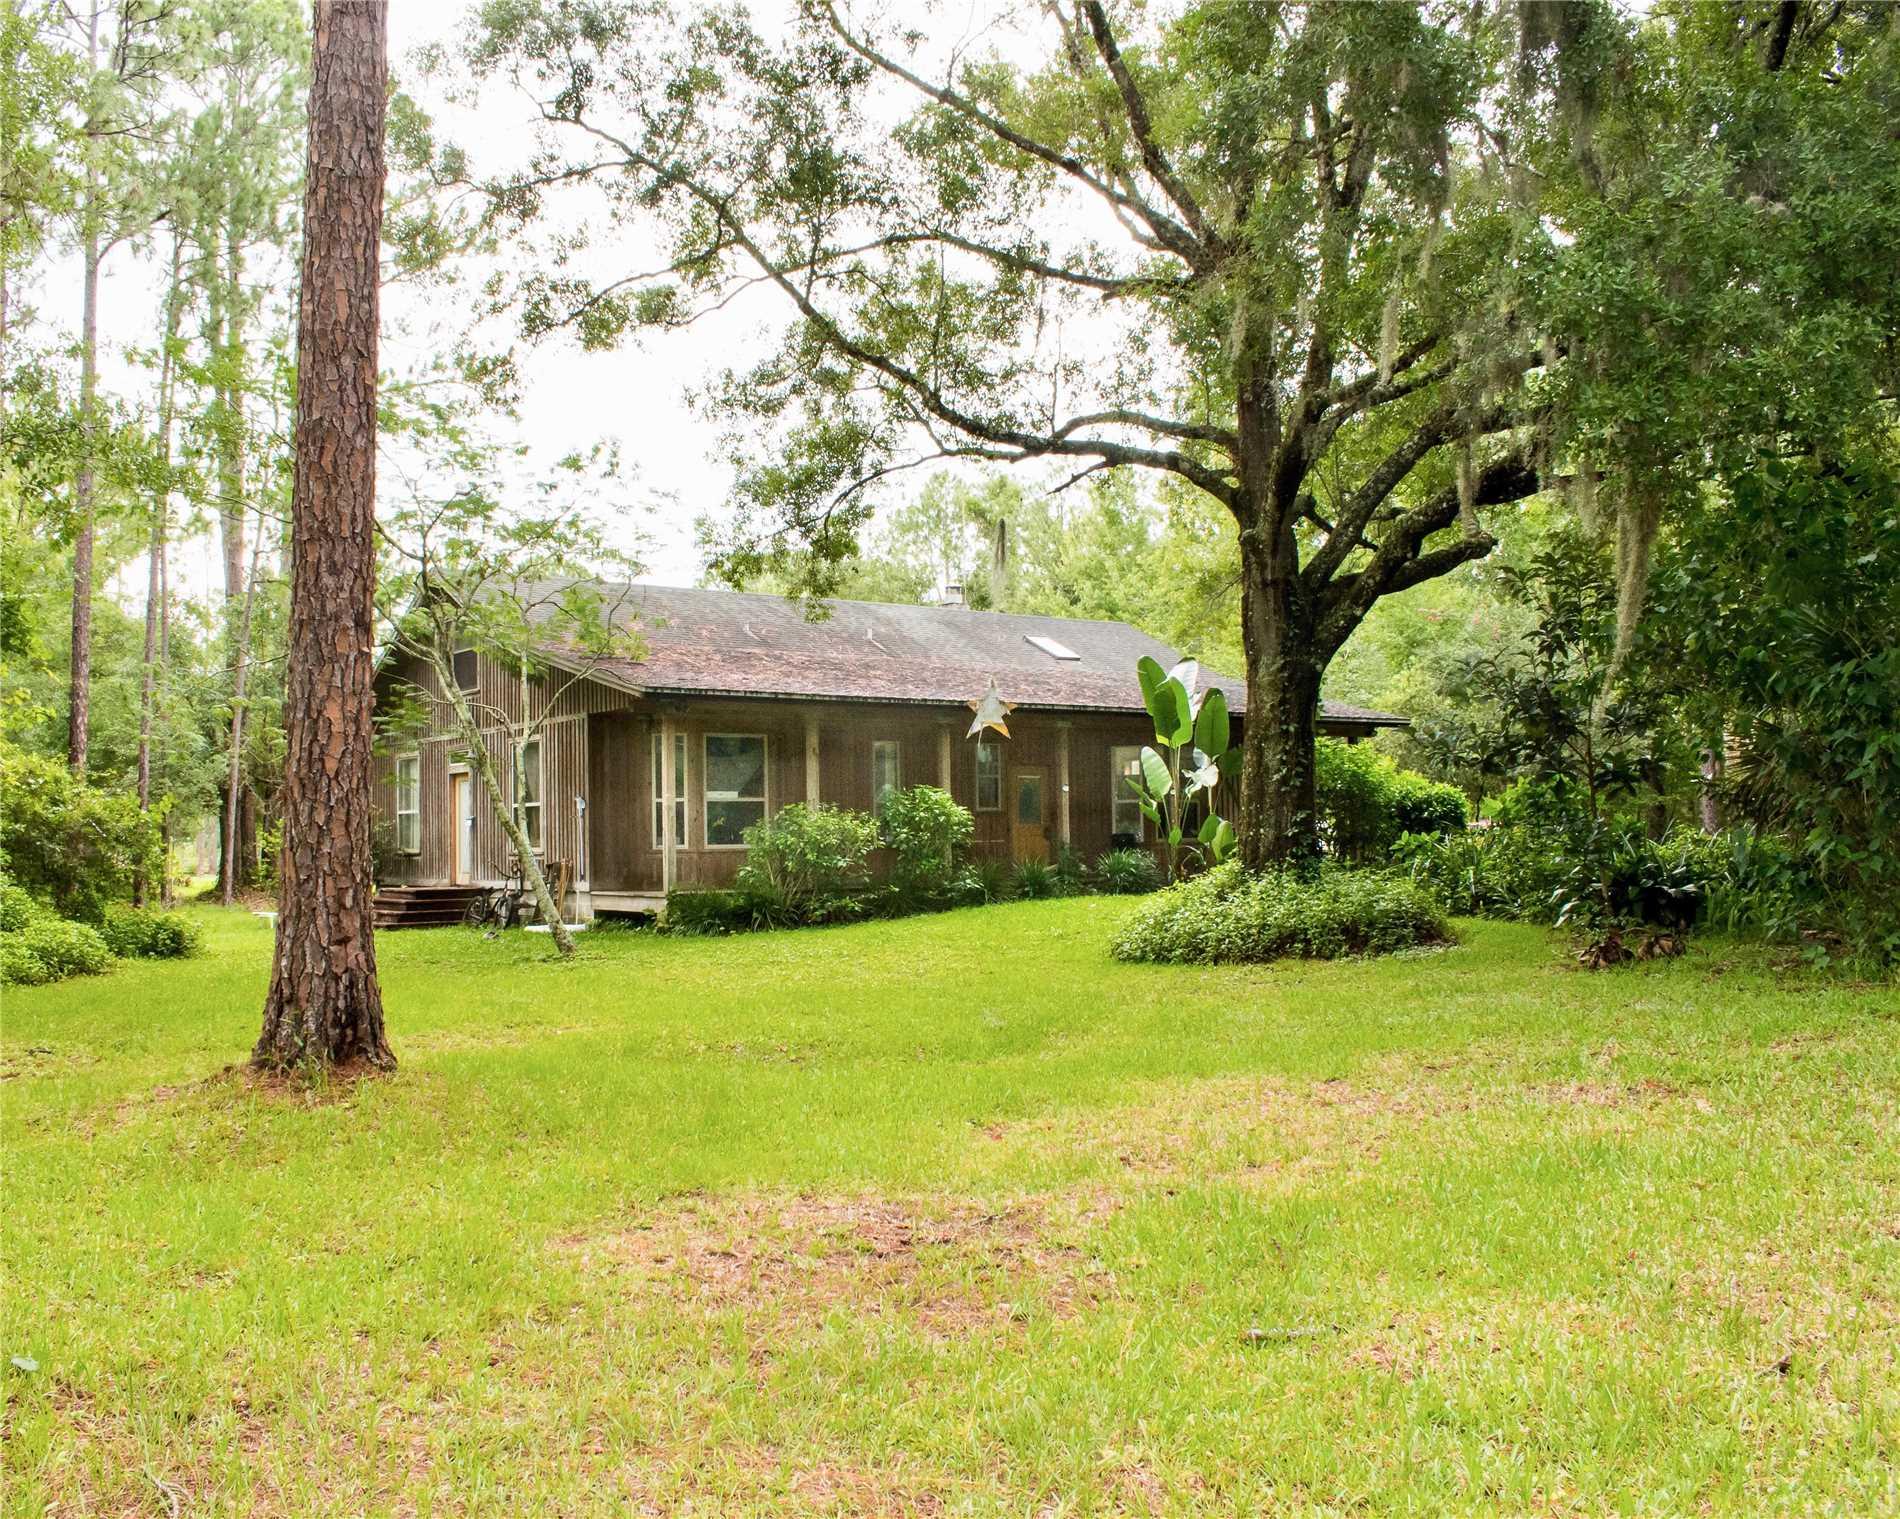 7660 W County Rd 208 Rd W, Florida Usa Z4509364